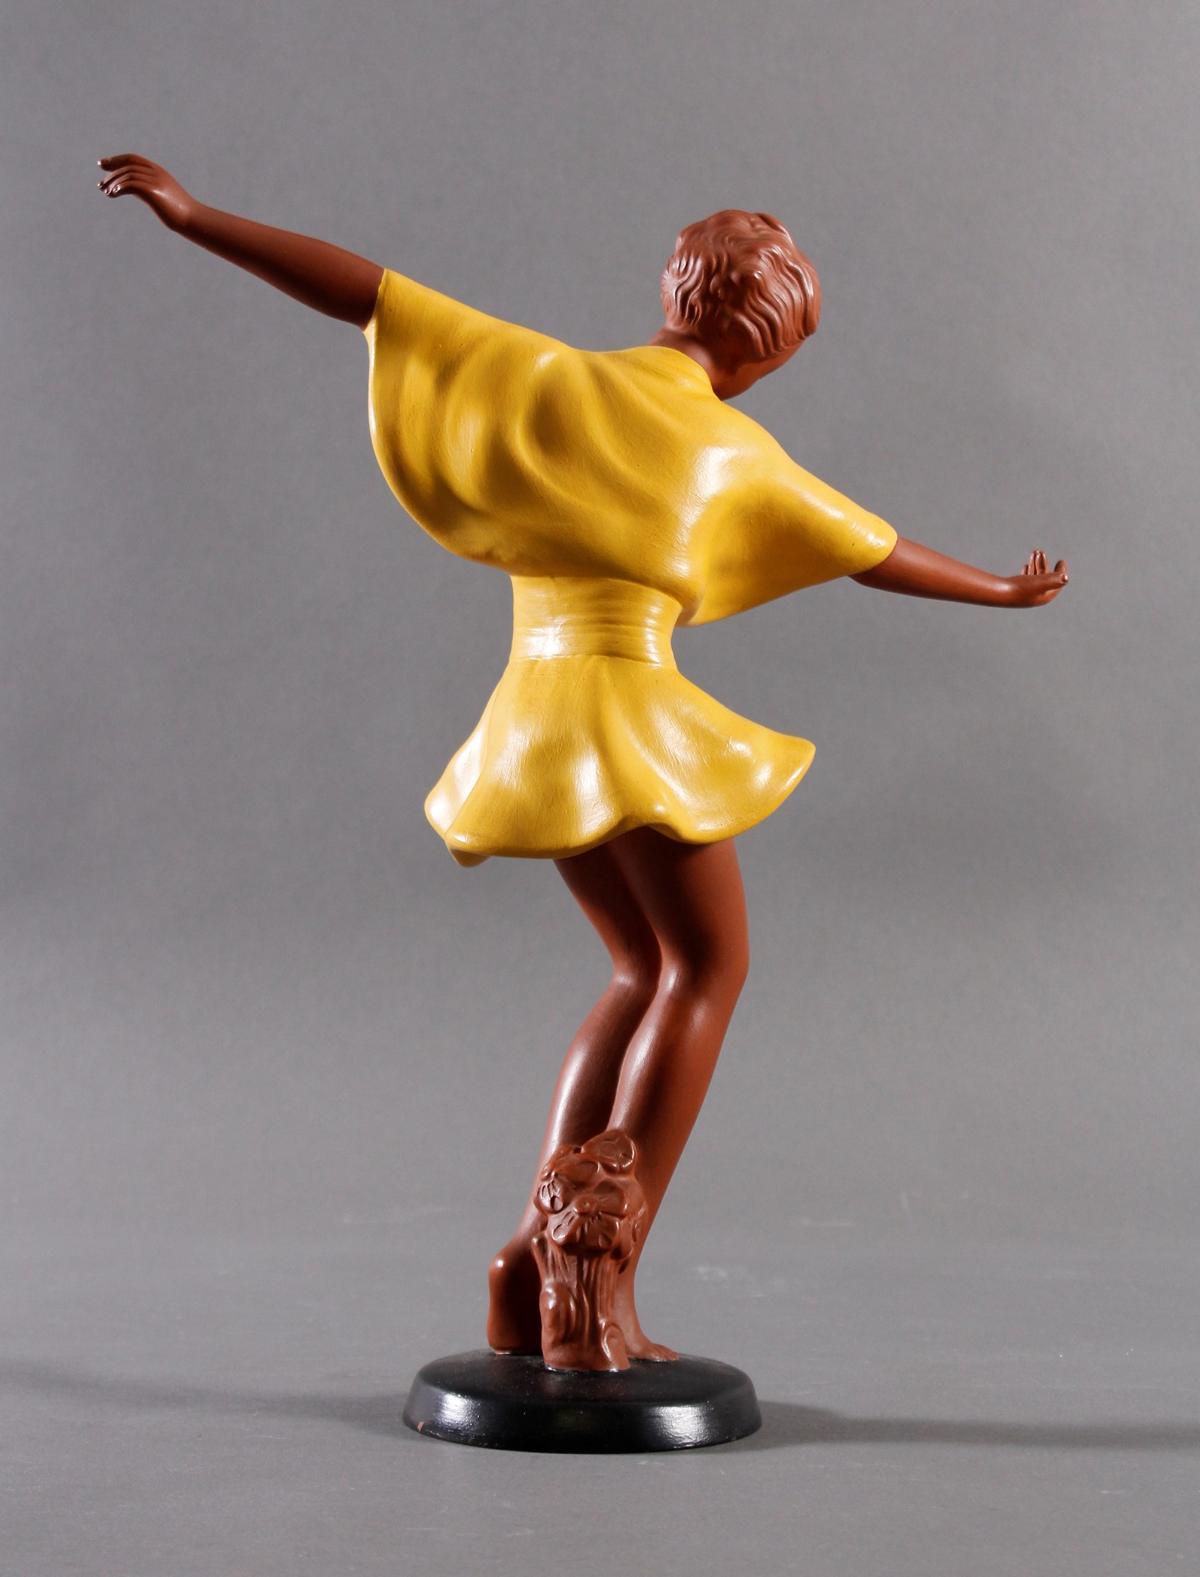 Goldscheider Keramikfigur 'Getanzte Harmonie' um 1941-6